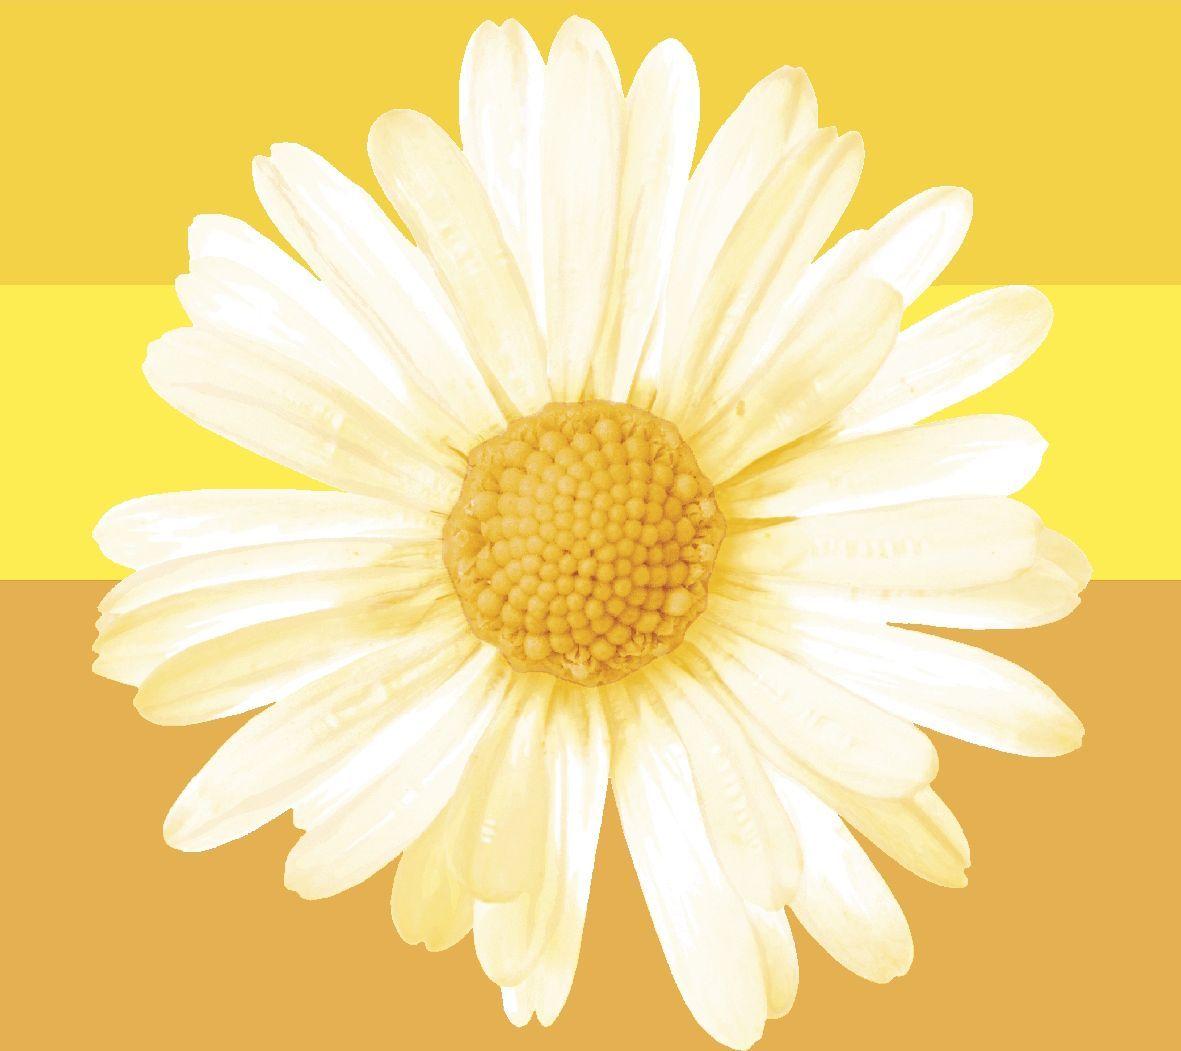 Салфетки бумажные Duni, 3-слойные, цвет: желтый, 24 х 24 см, 20 шт162709Трехслойные бумажные салфетки изготовлены из экологически чистого, высококачественного сырья - 100% целлюлозы. Салфетки выполнены в оригинальном и современном стиле, прекрасно сочетаются с любым интерьером и всегда будут прекрасным и незаменимым украшением стола.